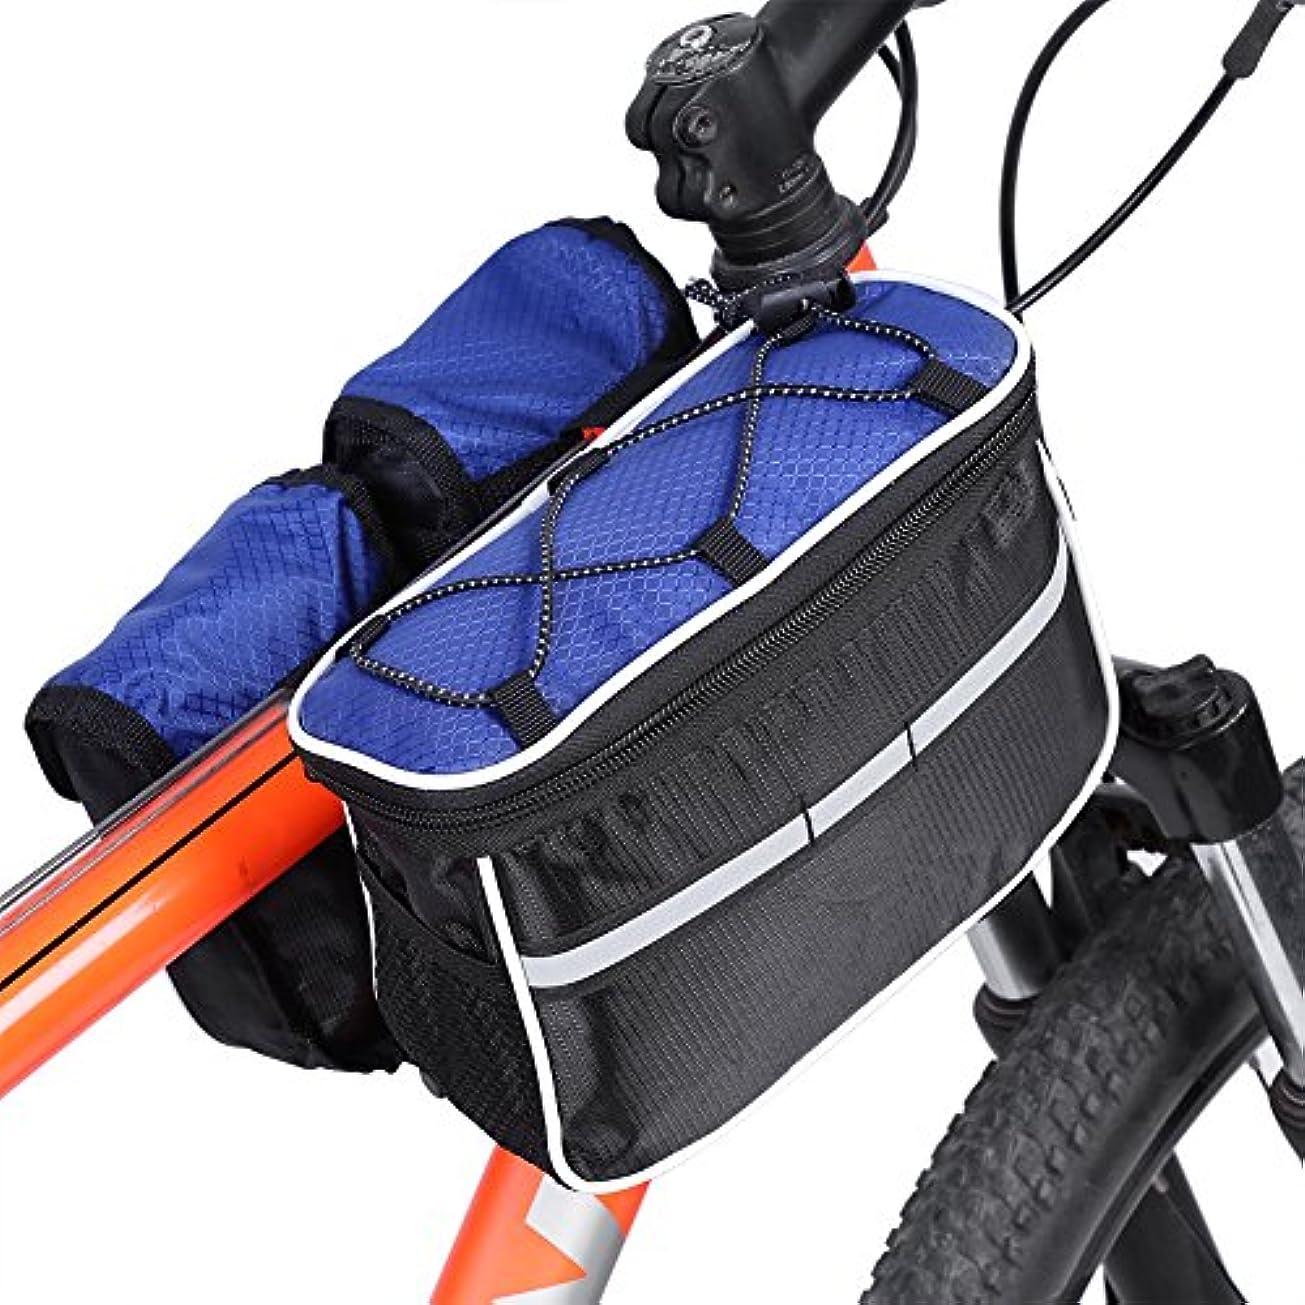 予報スリンク外向き自転車 ハンドルバッグ フレーム フロント ハンドルバーバッグ 防水 耐摩耗 大容量 反射 トップチューブ ウエストバッグ 自転車用バッグ 雨カバー付き(青)